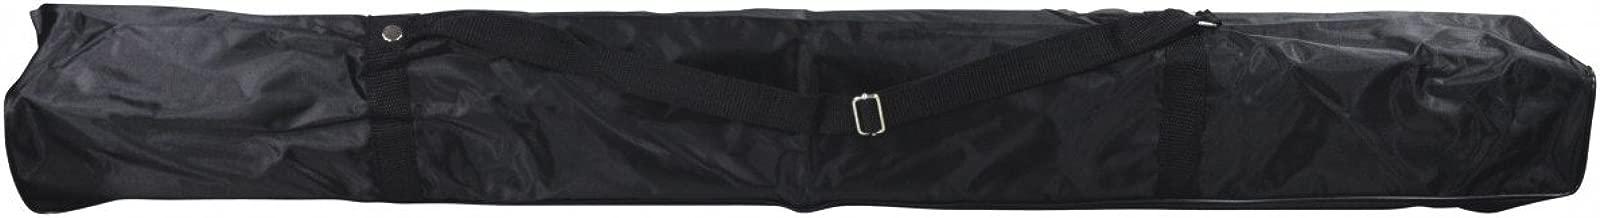 Sac Noir Haute Qualit/é pour Pied Microphone avec 2 Bandouli/ères et une Fermeture /à Glissi/ère Electrovision